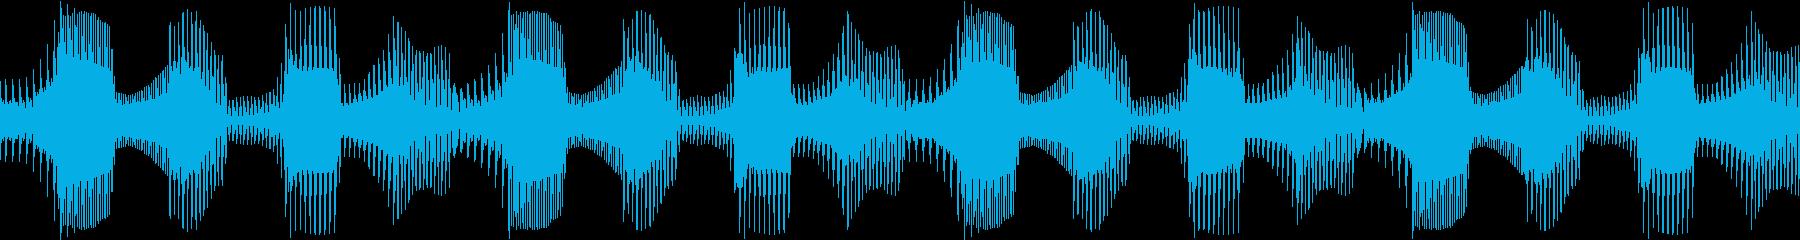 Techno ベース 4 音楽制作用の再生済みの波形